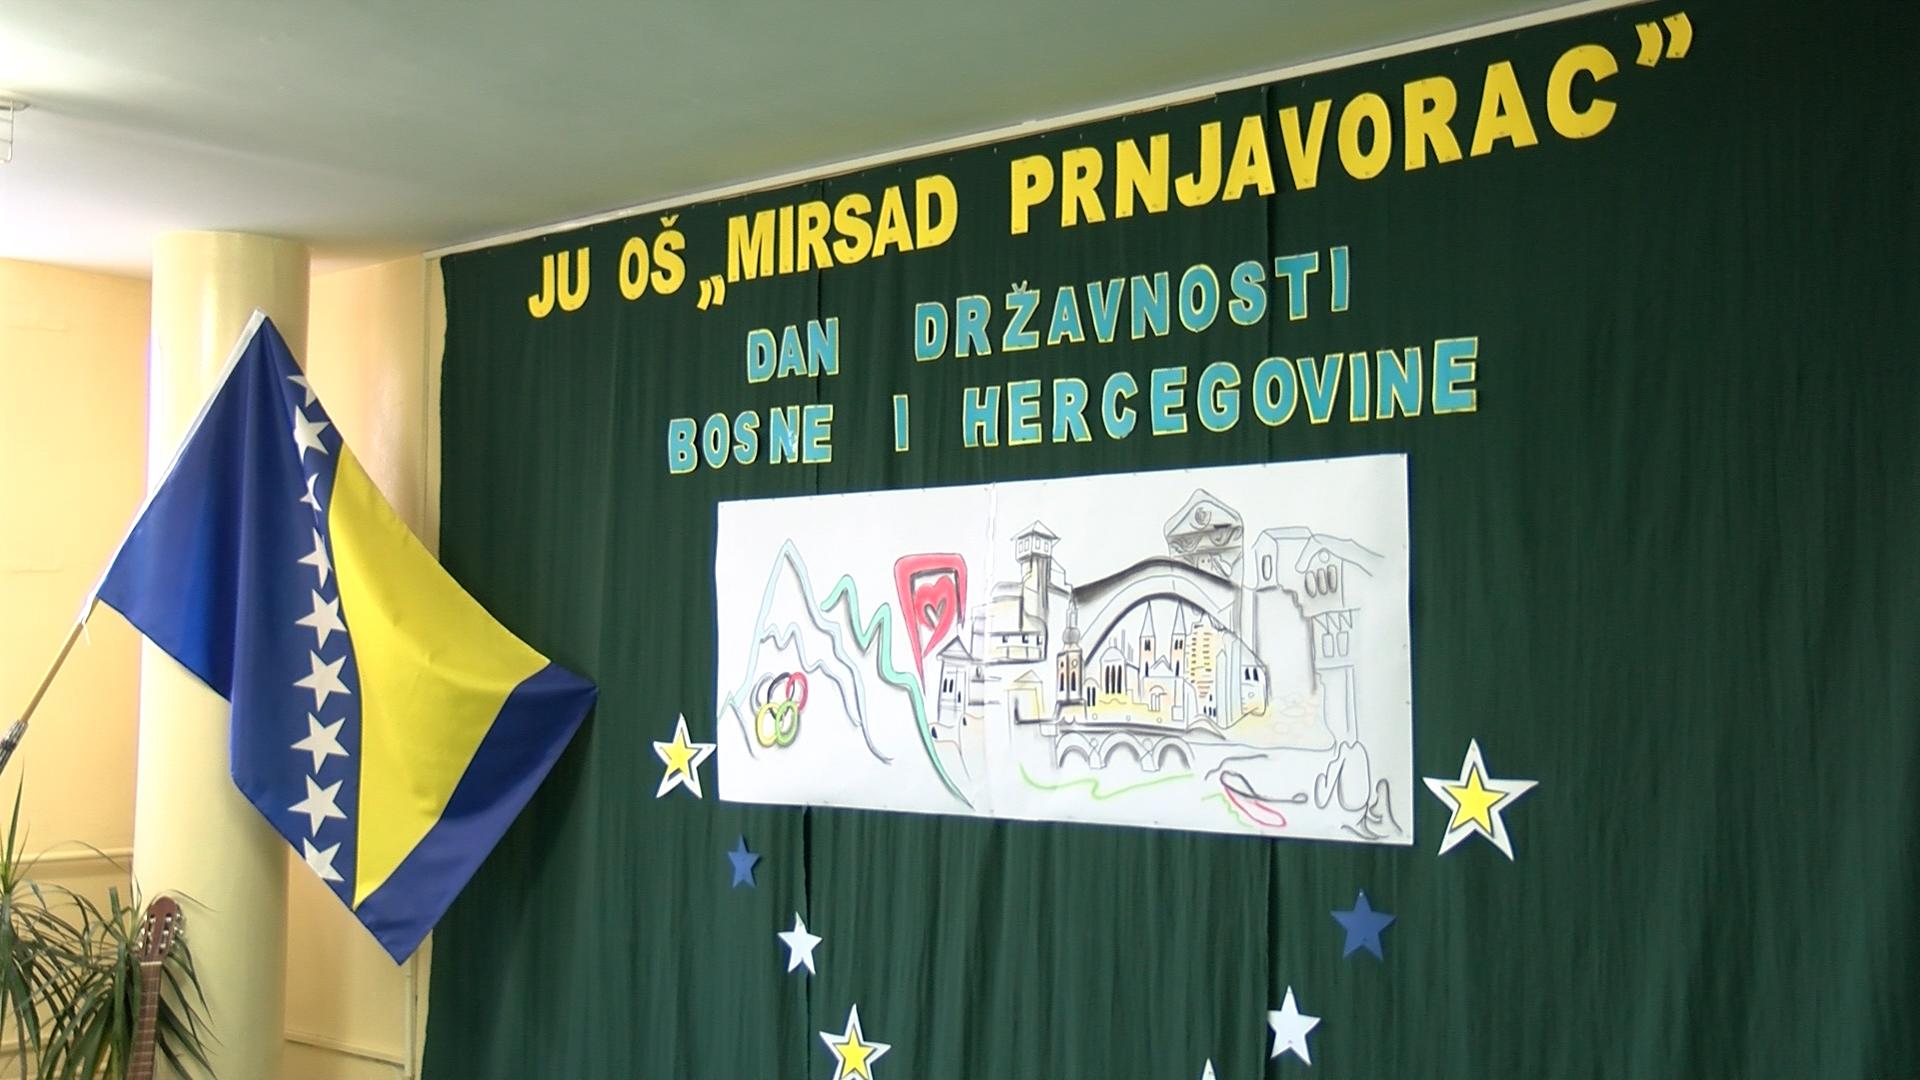 Svecanom Akademijom Ucenici Os Mirsad Prnjavorac Obiljezili Dan